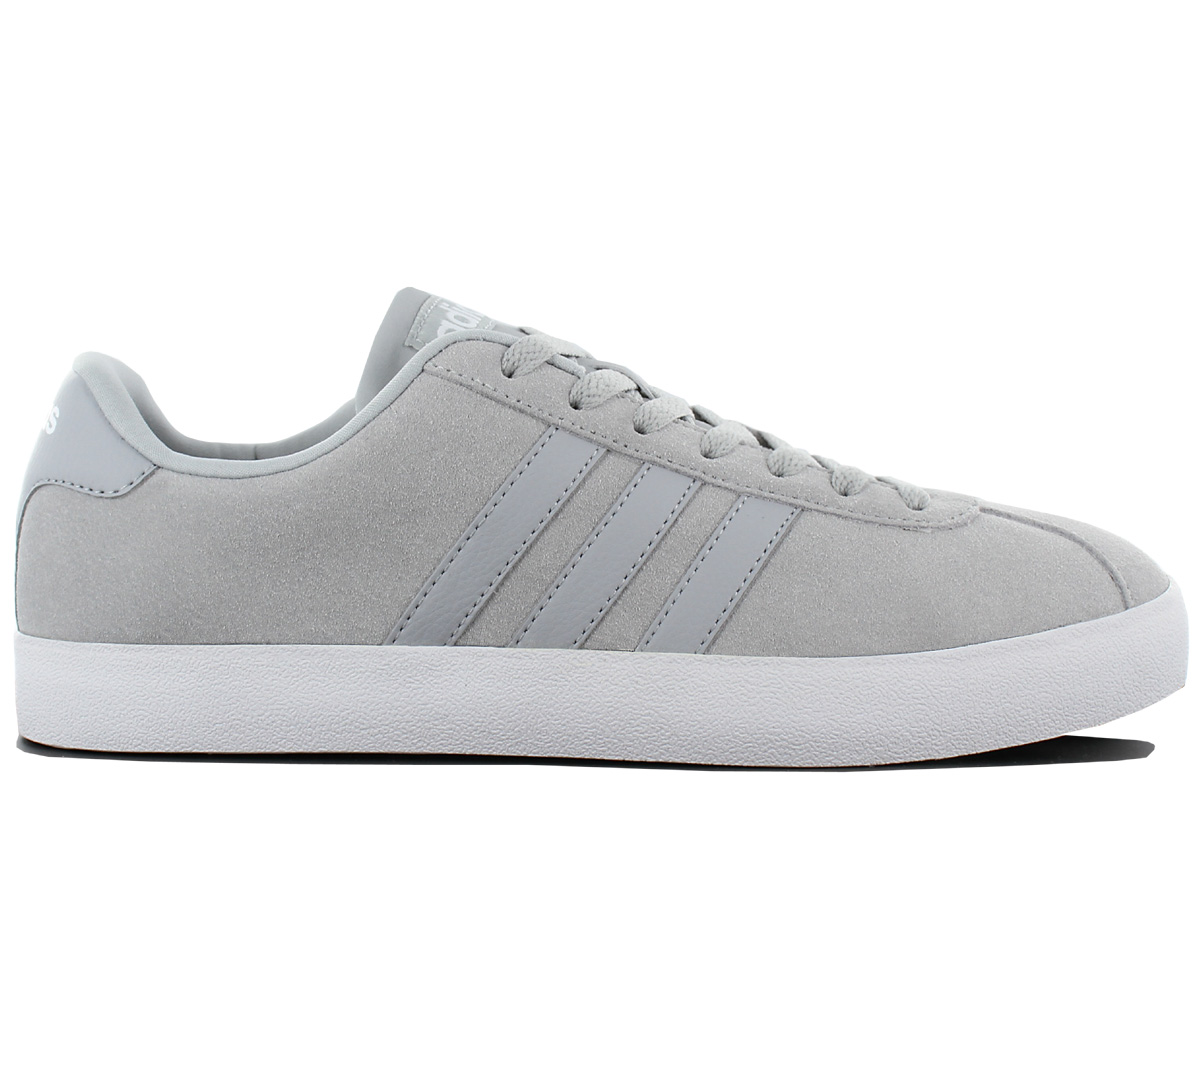 Adidas VL Court Freizeit Niedrig Leder Herren Sneaker Schuhe Freizeit Court Turnschuhe Retro Skate 23af11